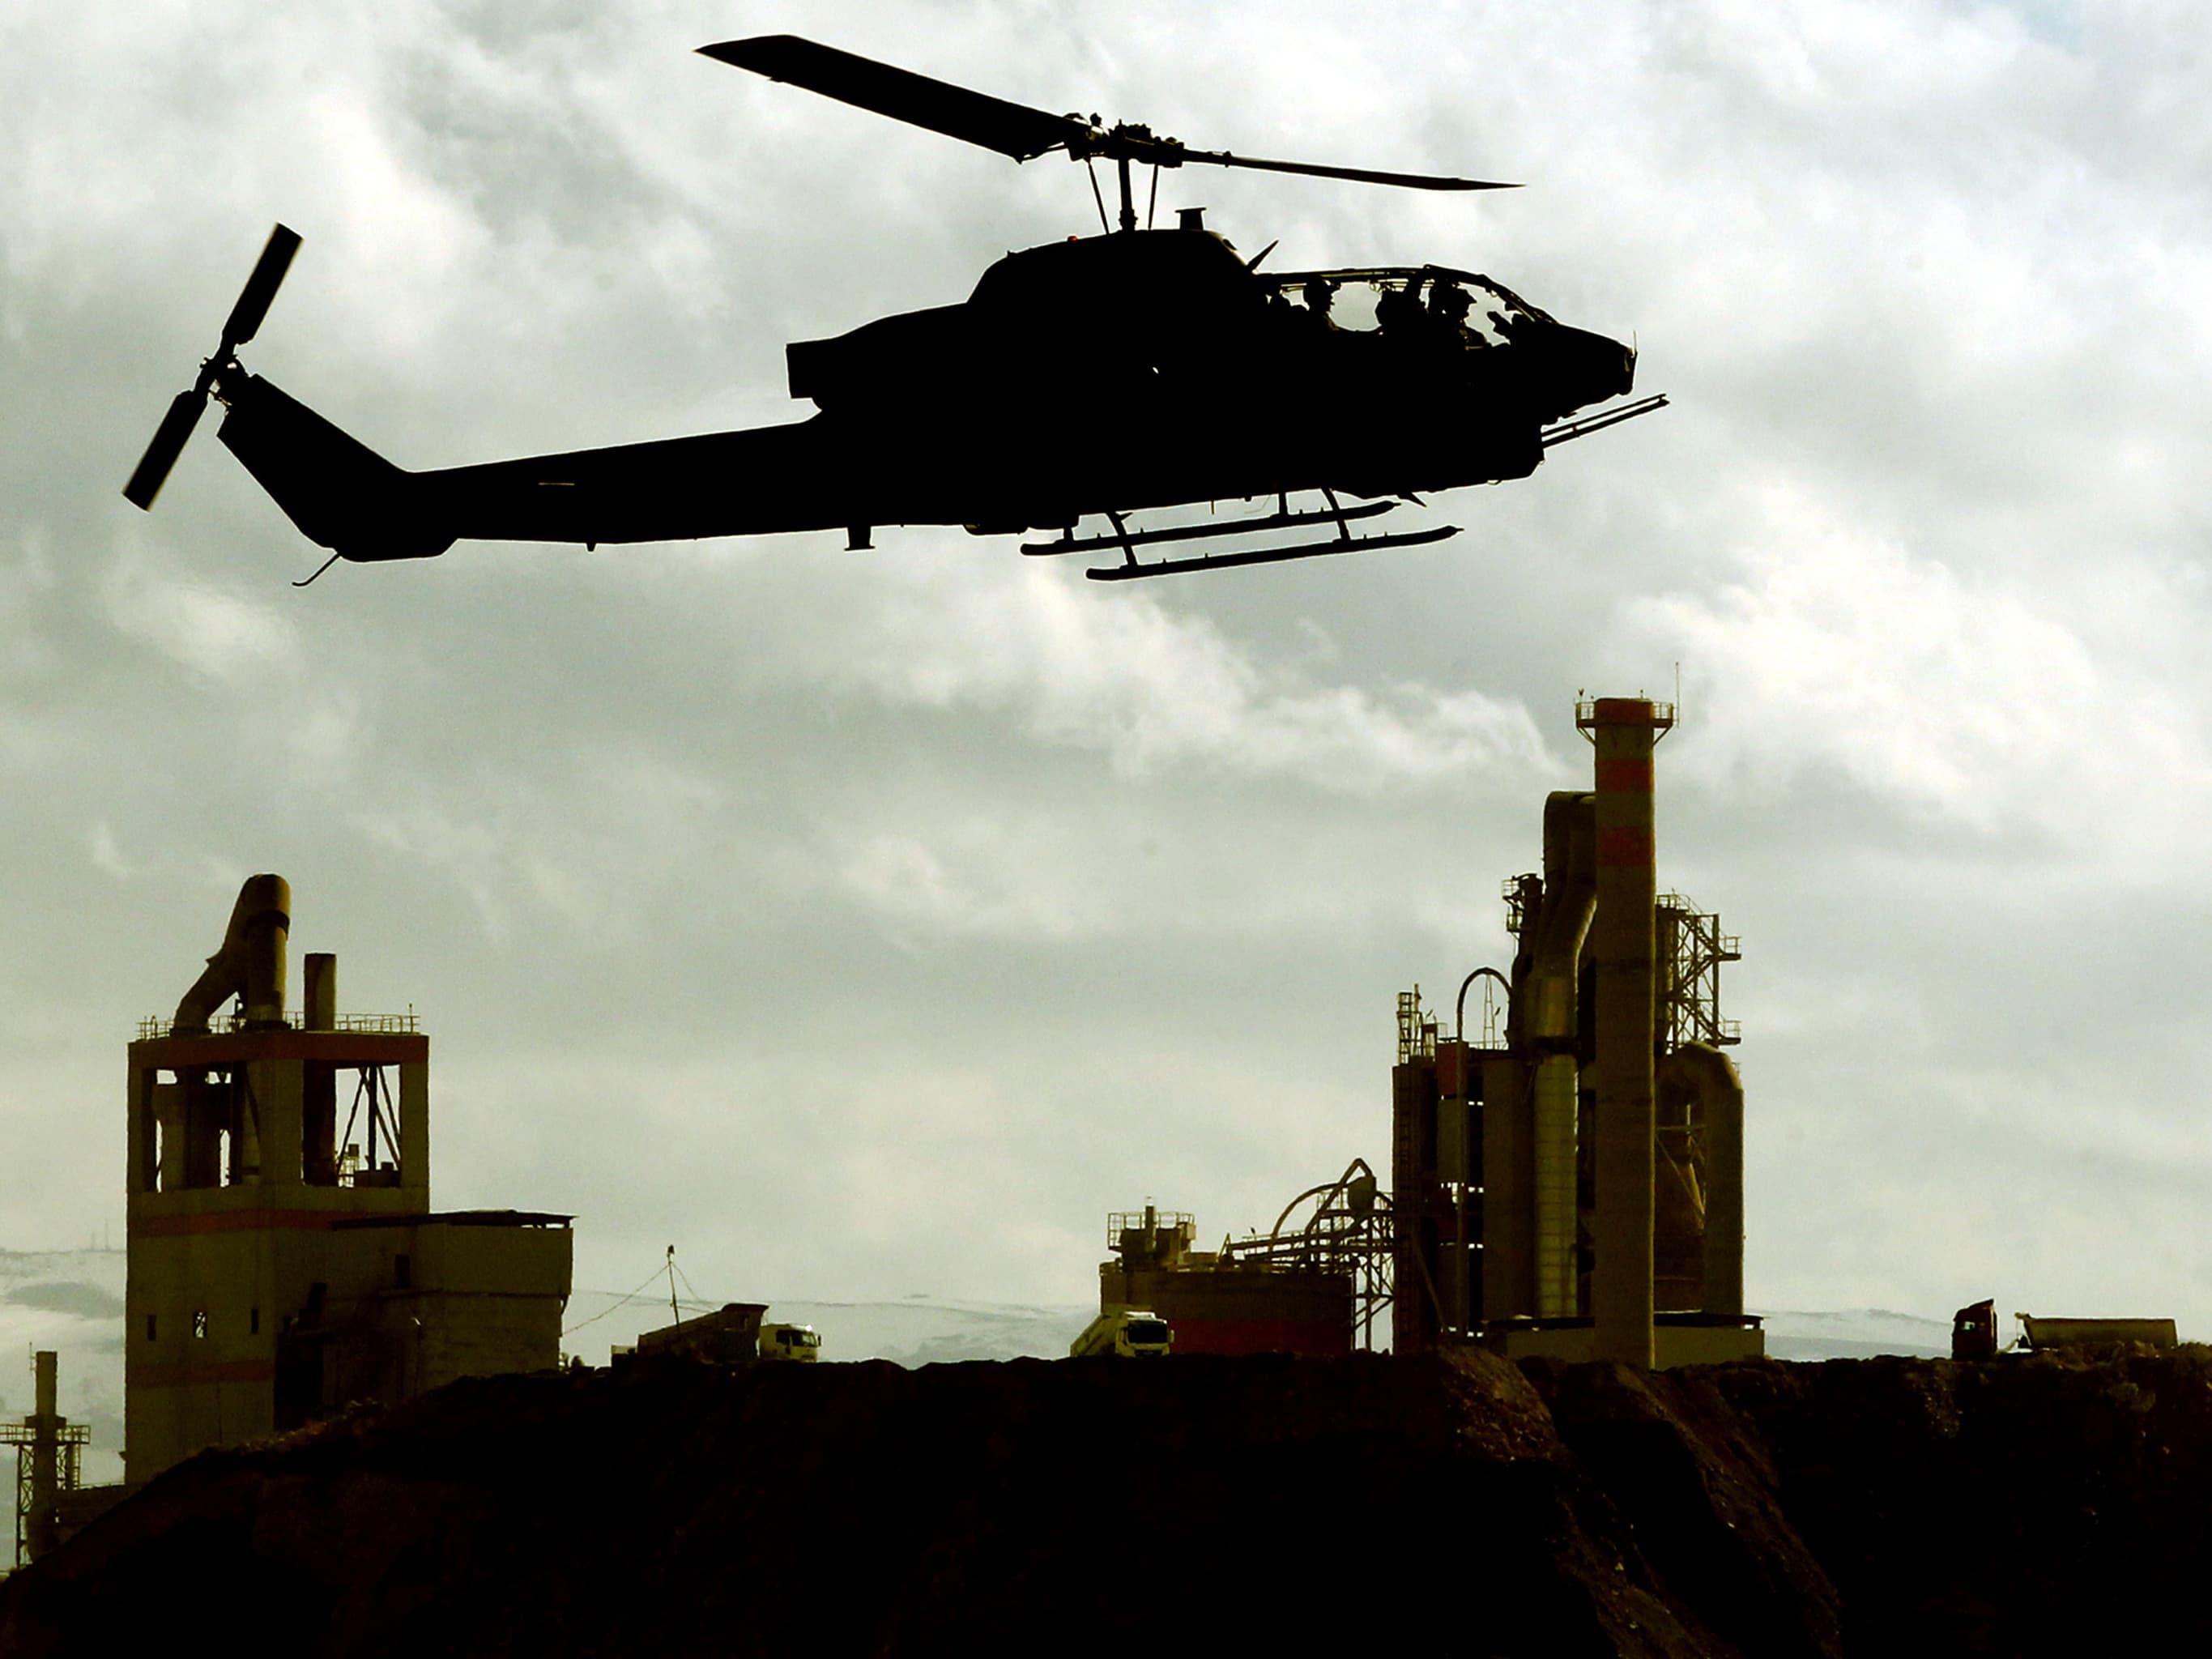 Türk Silahlı Kuvvetleri´nin terörle mücadelede en önemli vurucu gücü olan taarruz helikopteri pilotlarının da yetiştirildiği kara havacılık okul komutanlığı